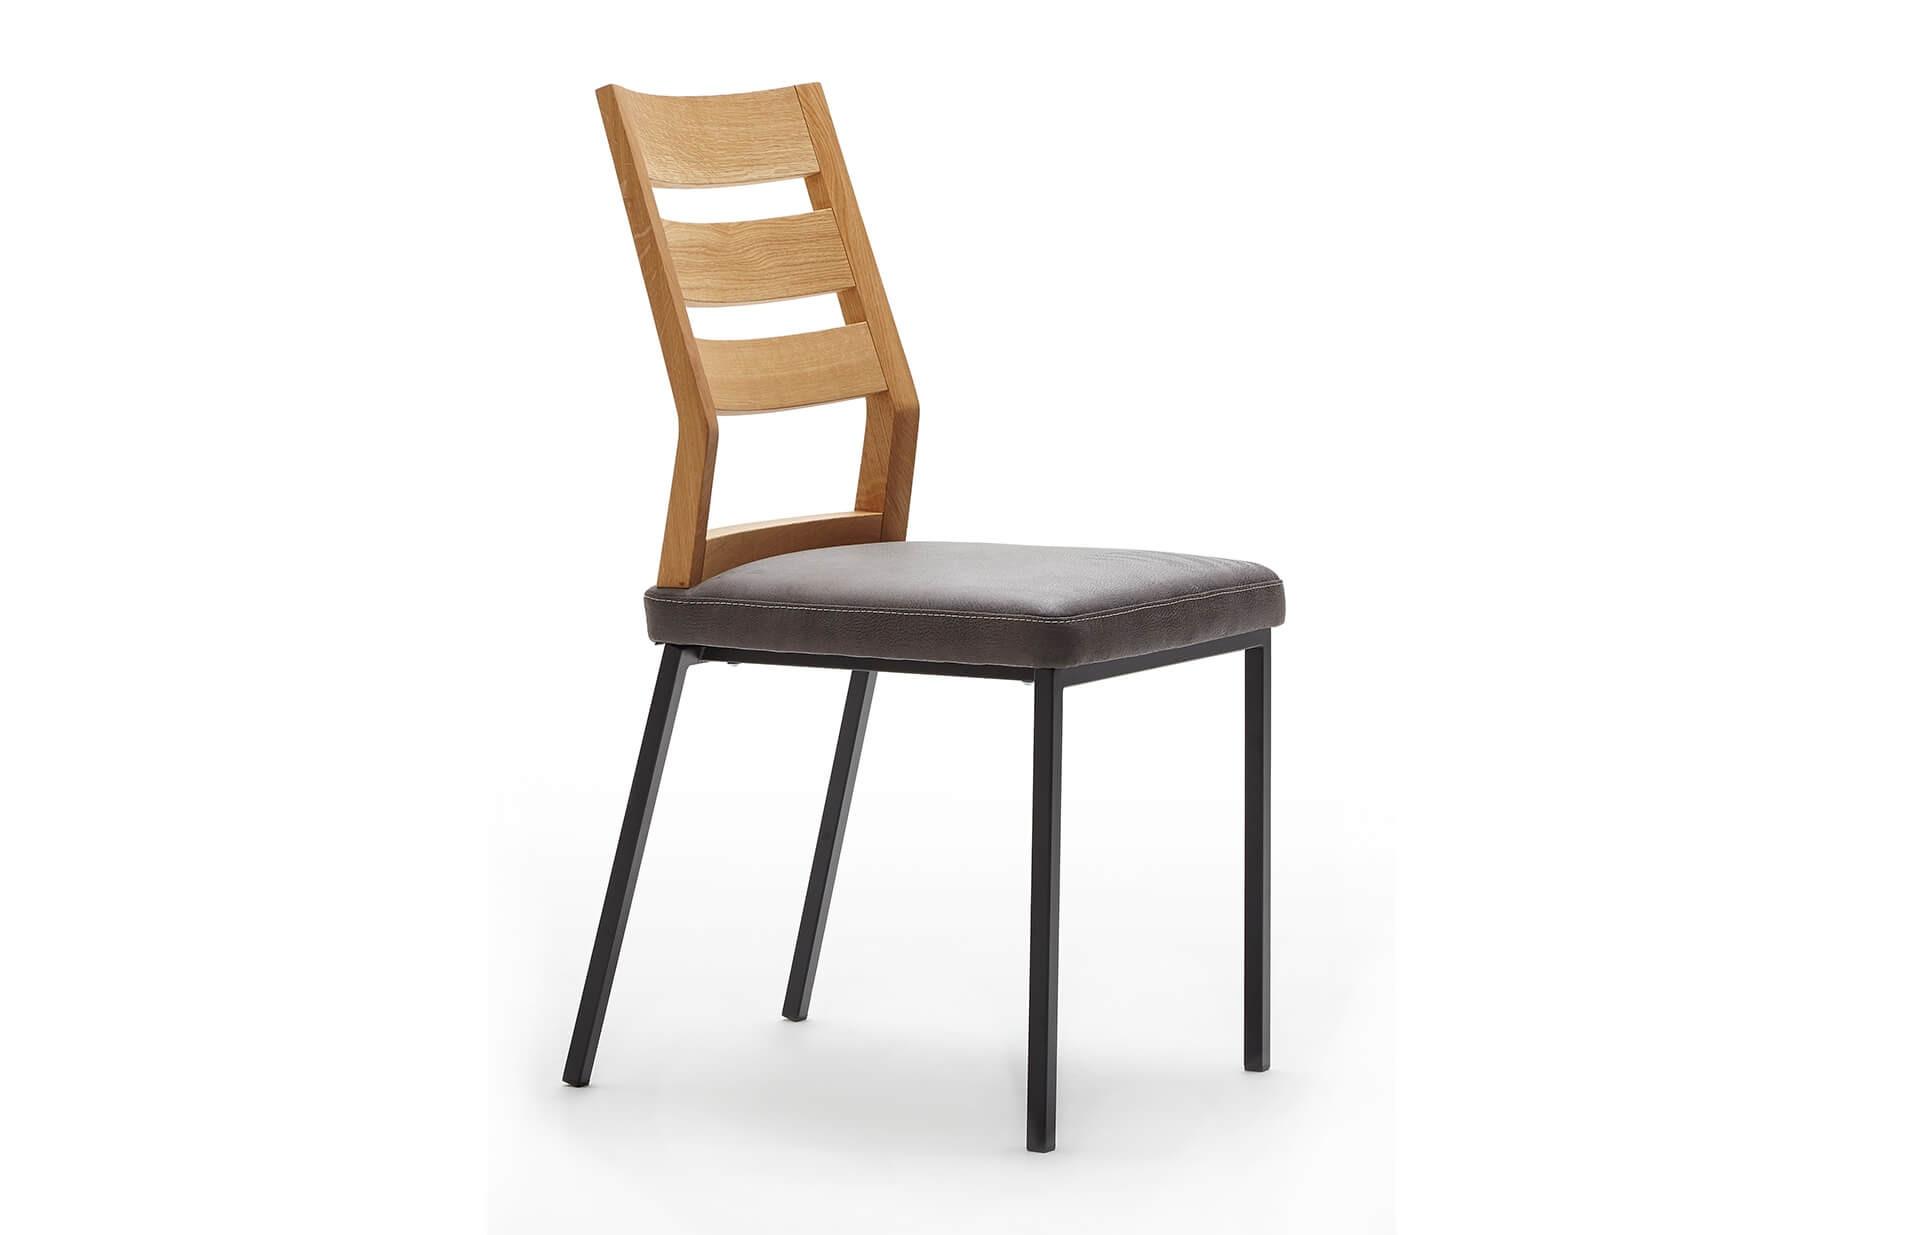 Stuhl Femke mit Metallgestell, Rückenlehne in Eiche bianco geölt